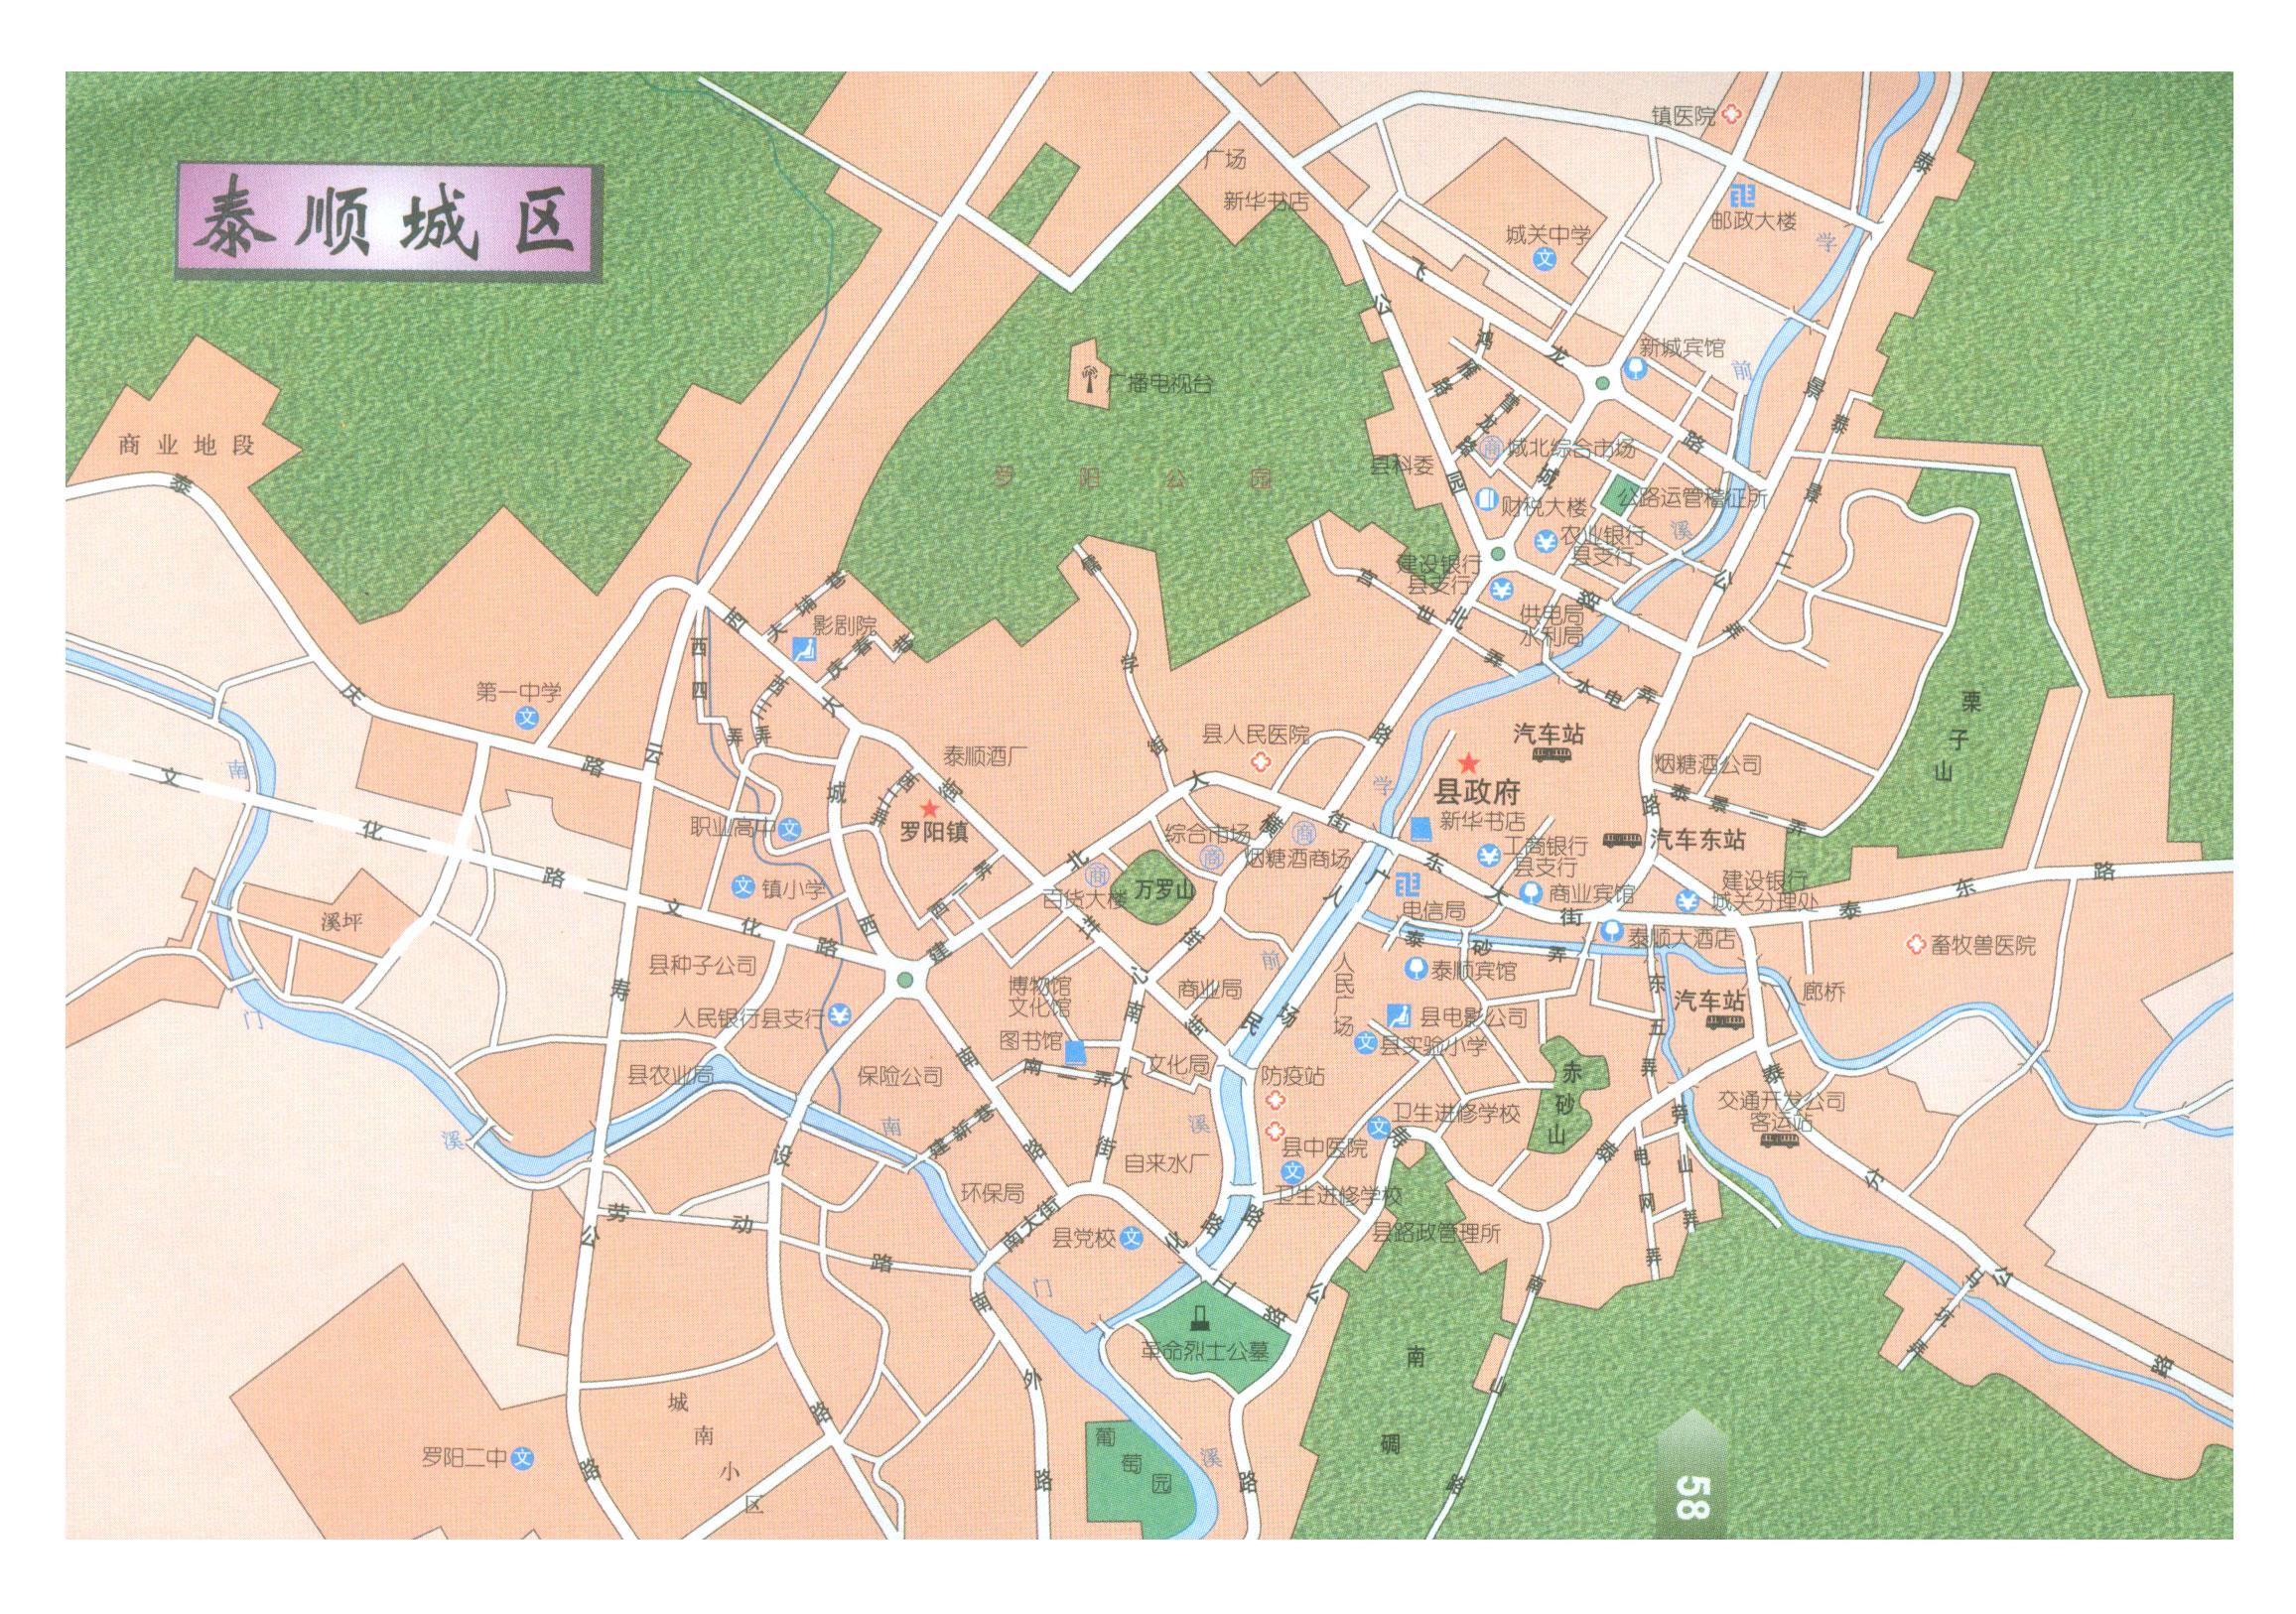 温州泰顺旅游地图 - 钟鼎散客